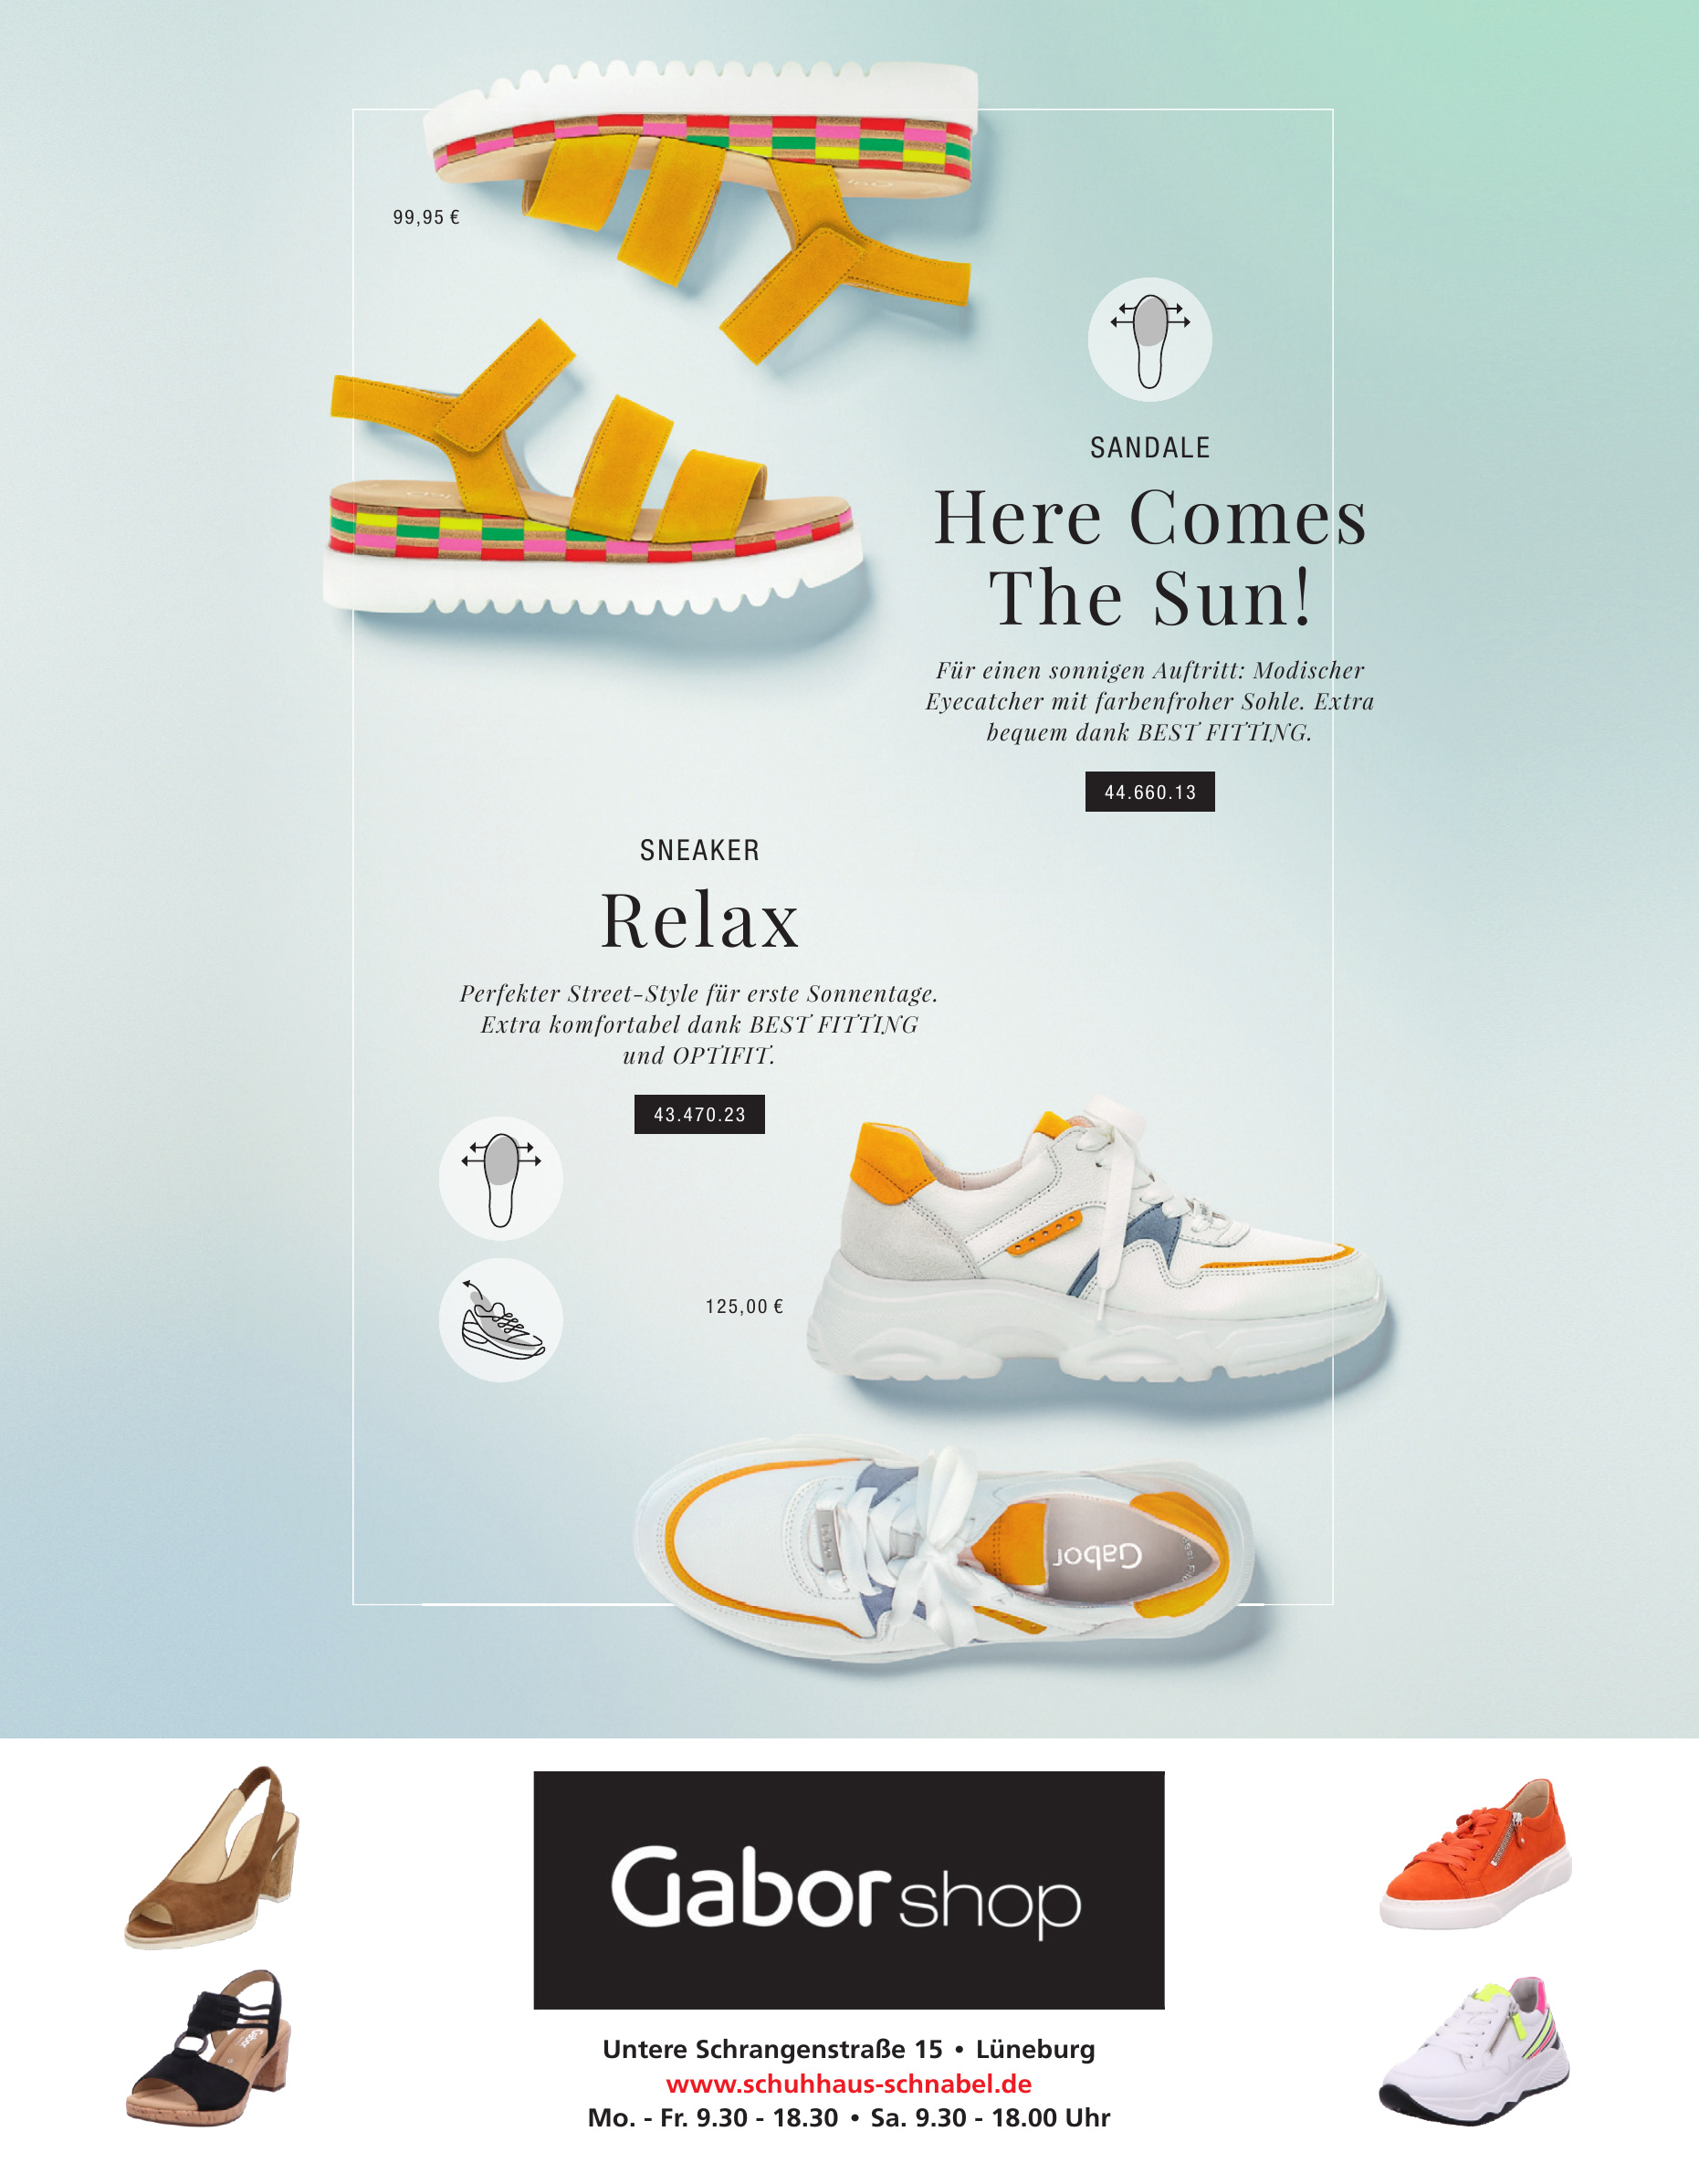 Gabor Shop